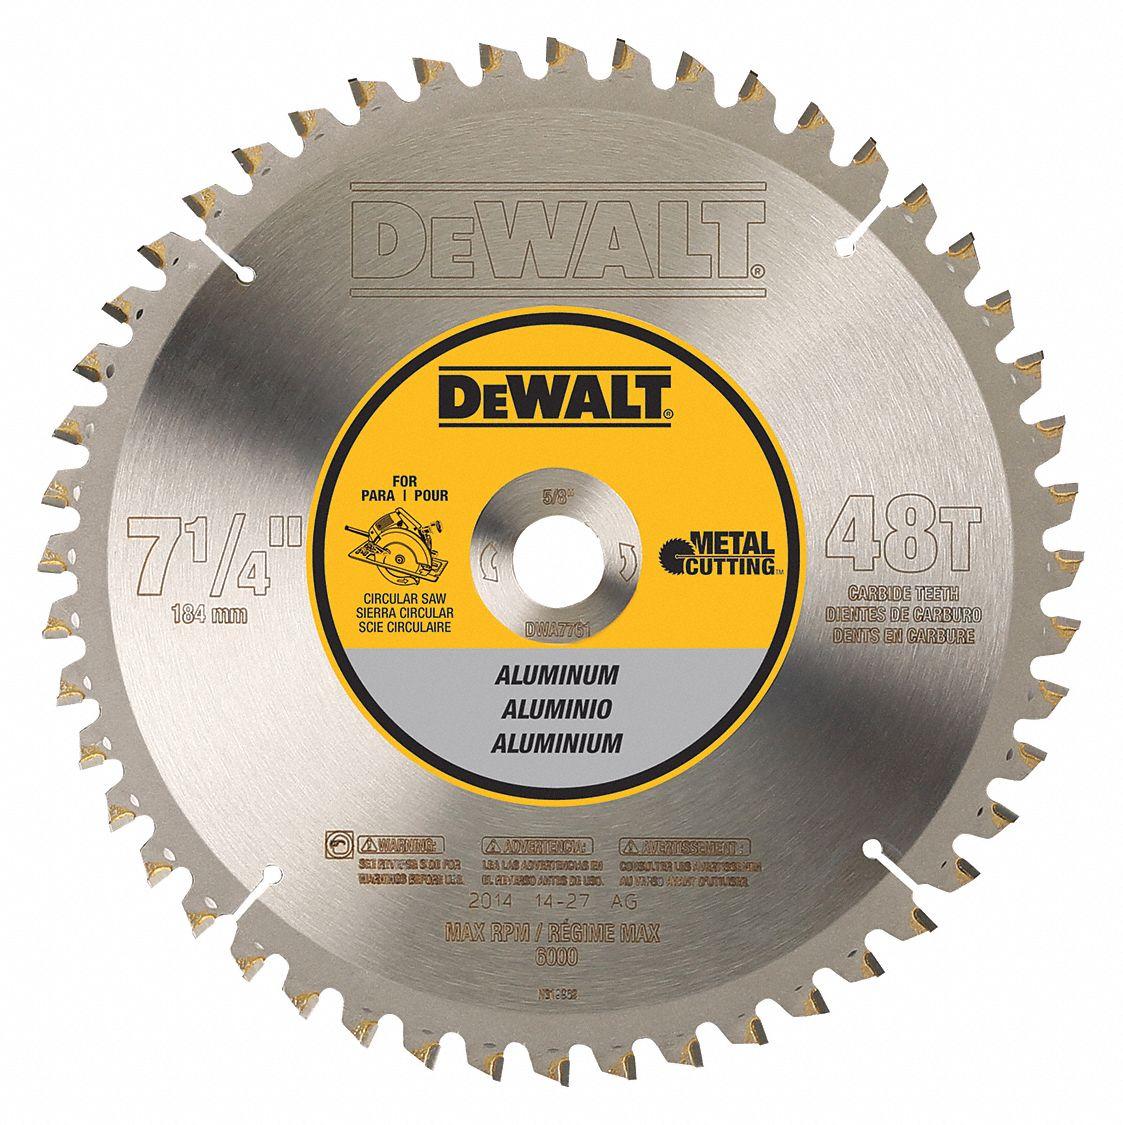 Dewalt 7 14 carbide aluminum cutting circular saw blade number of dewalt 7 14 carbide aluminum cutting circular saw blade number of teeth 48 30hj80dwa7761 grainger keyboard keysfo Images